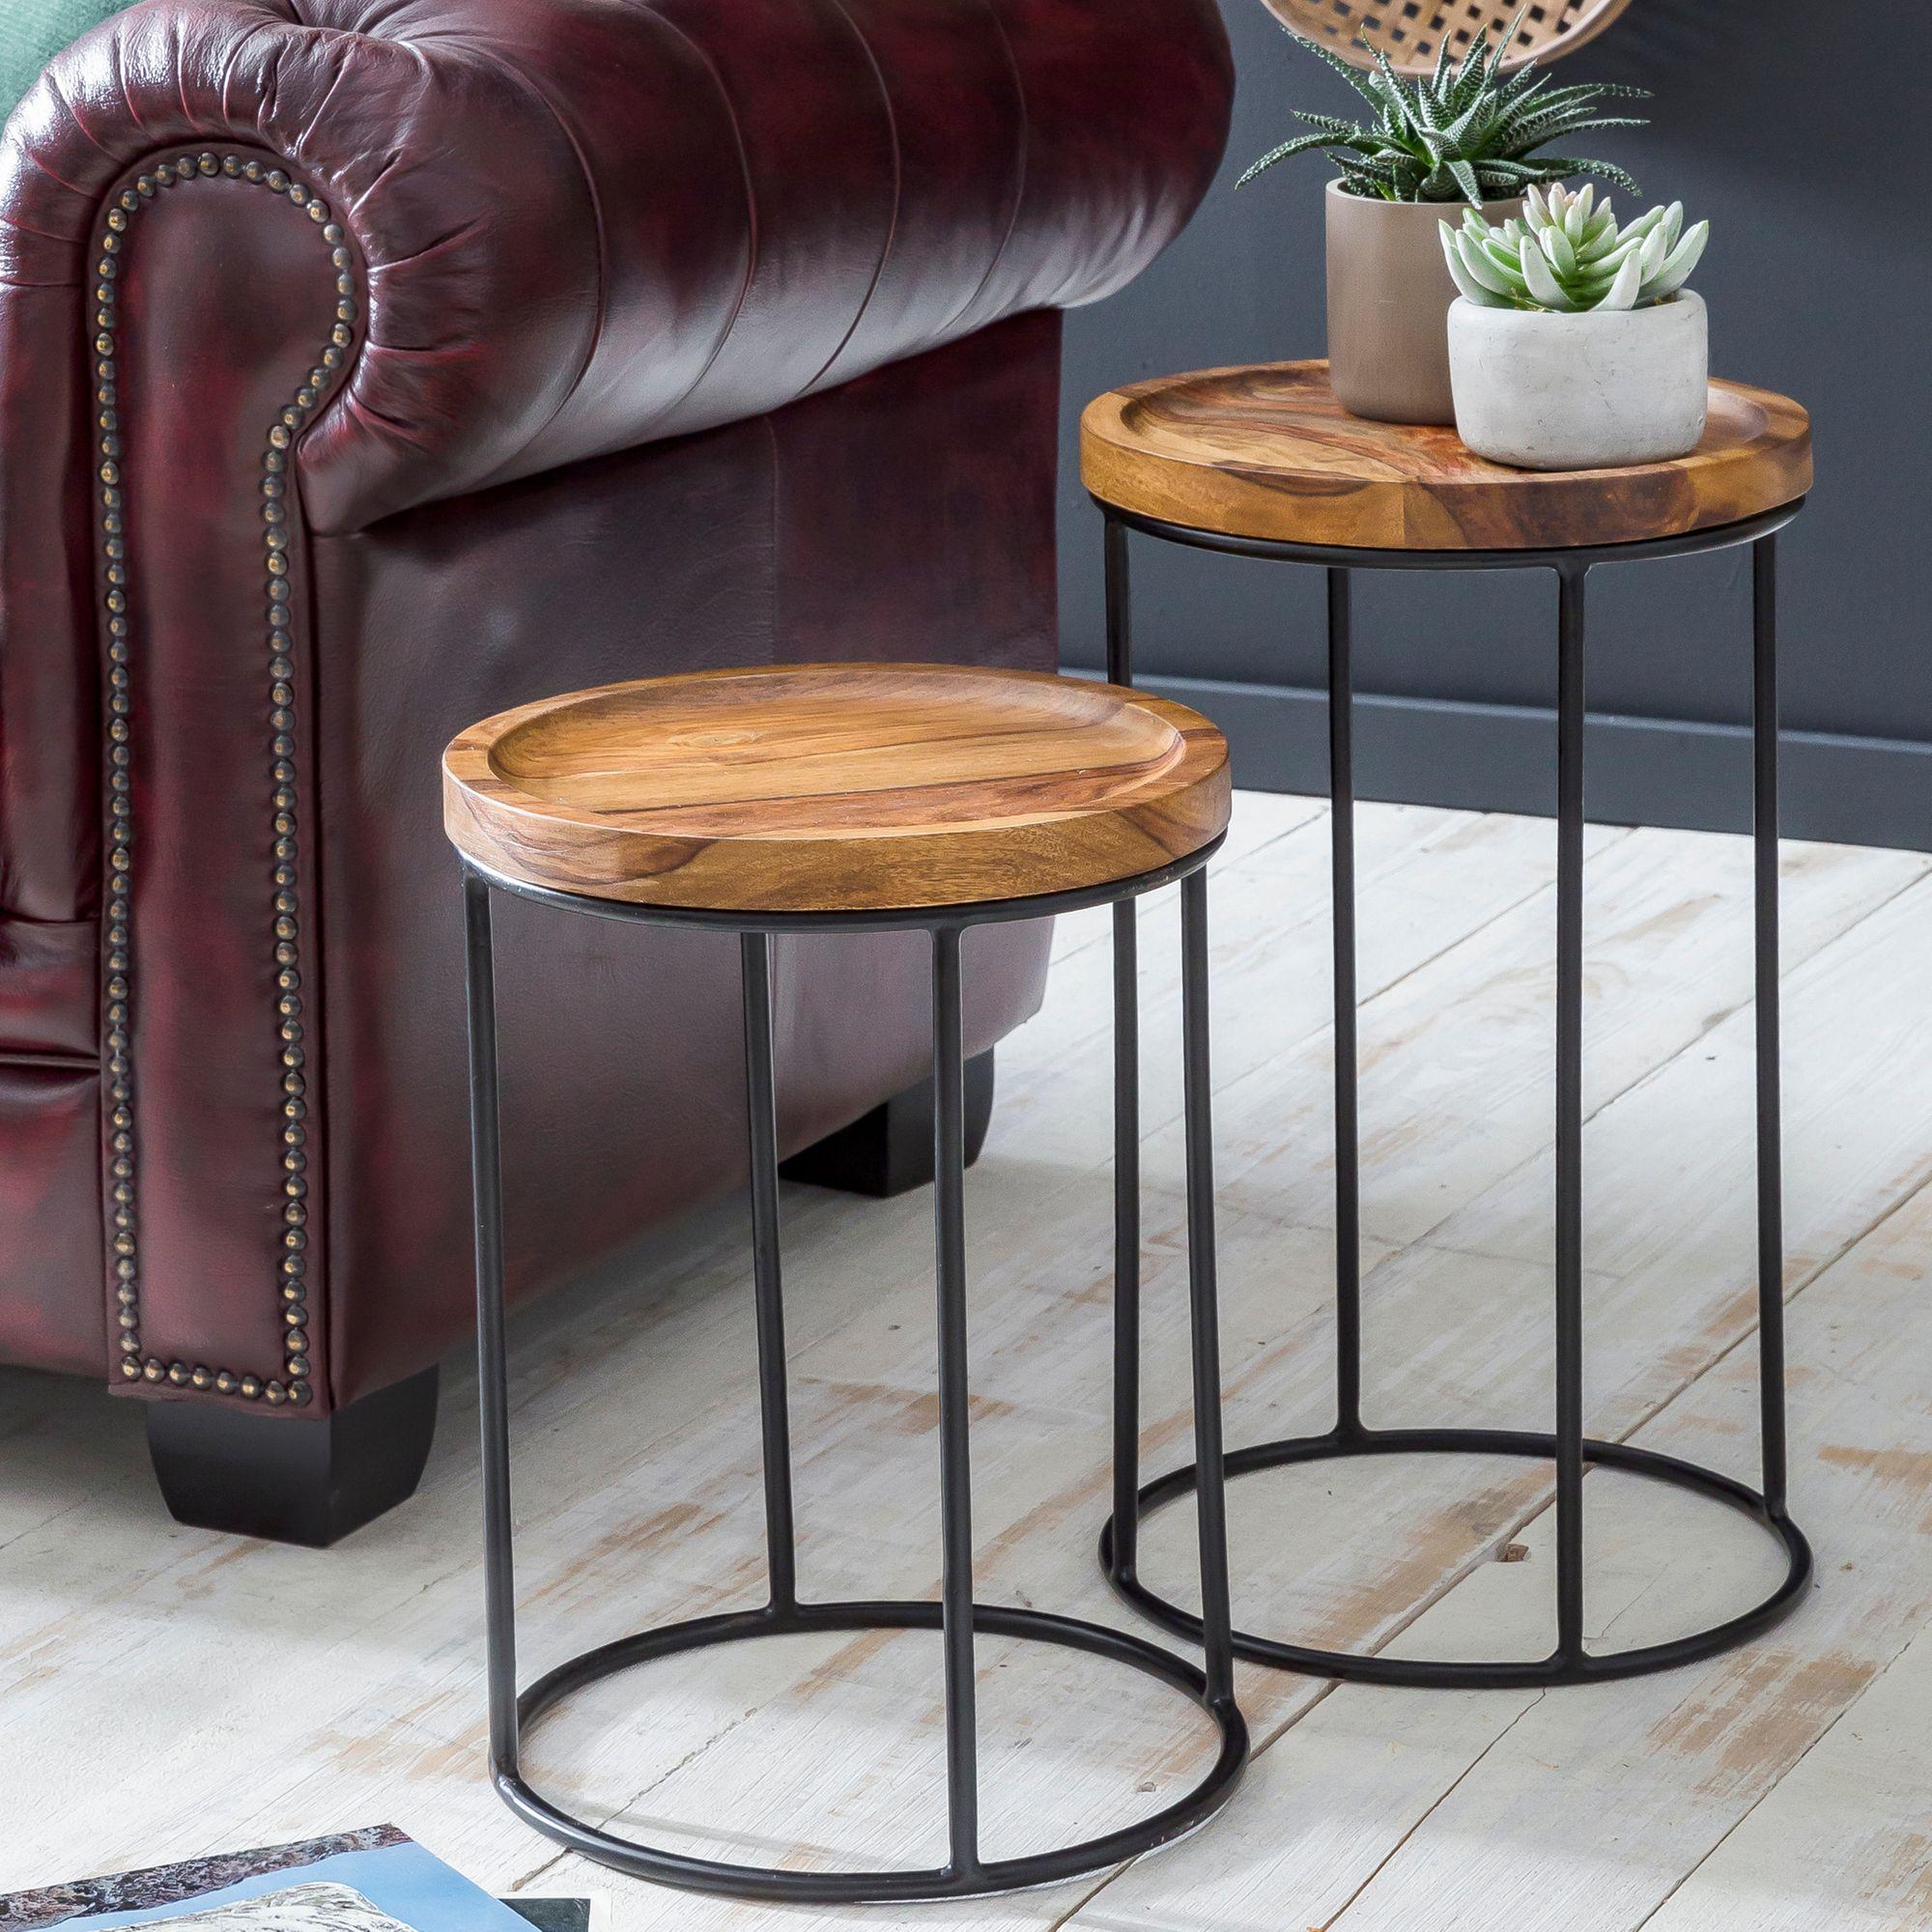 Finebuy 2er Set Beistelltische Sheesham Holz Metall Wohnzimmer Tisch